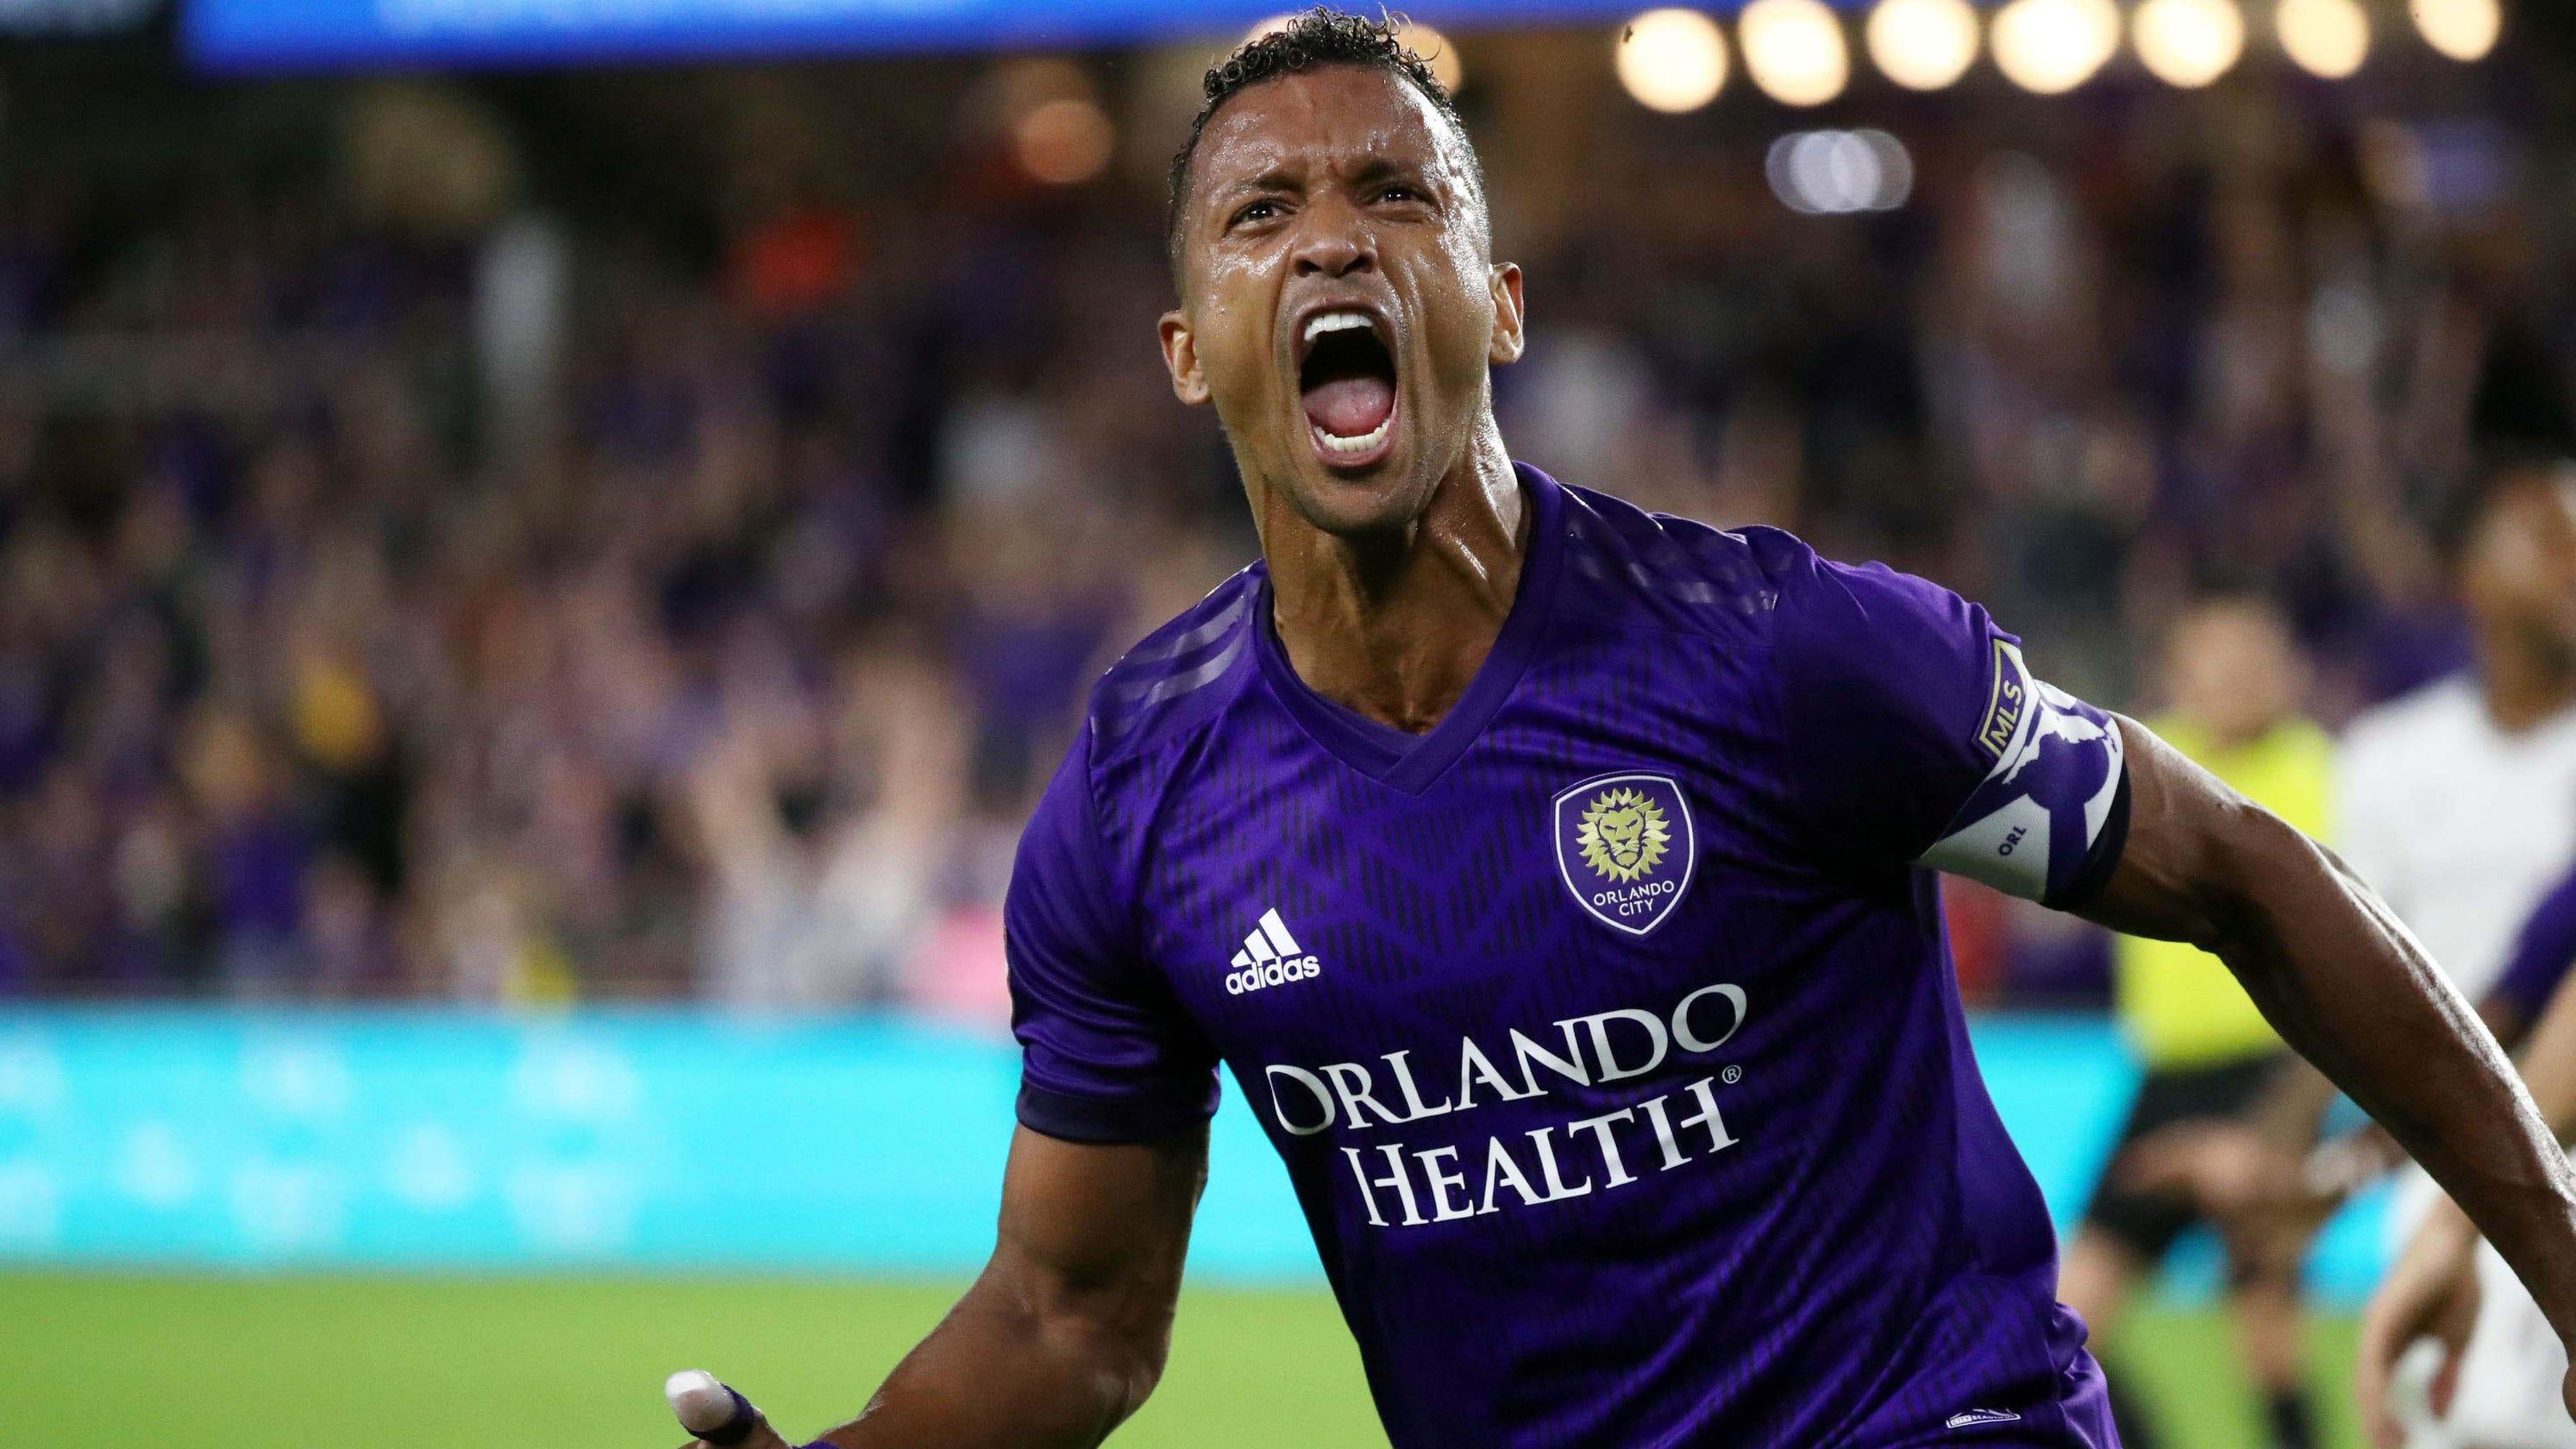 Photos: Best Of The 2019 Major League Soccer Season